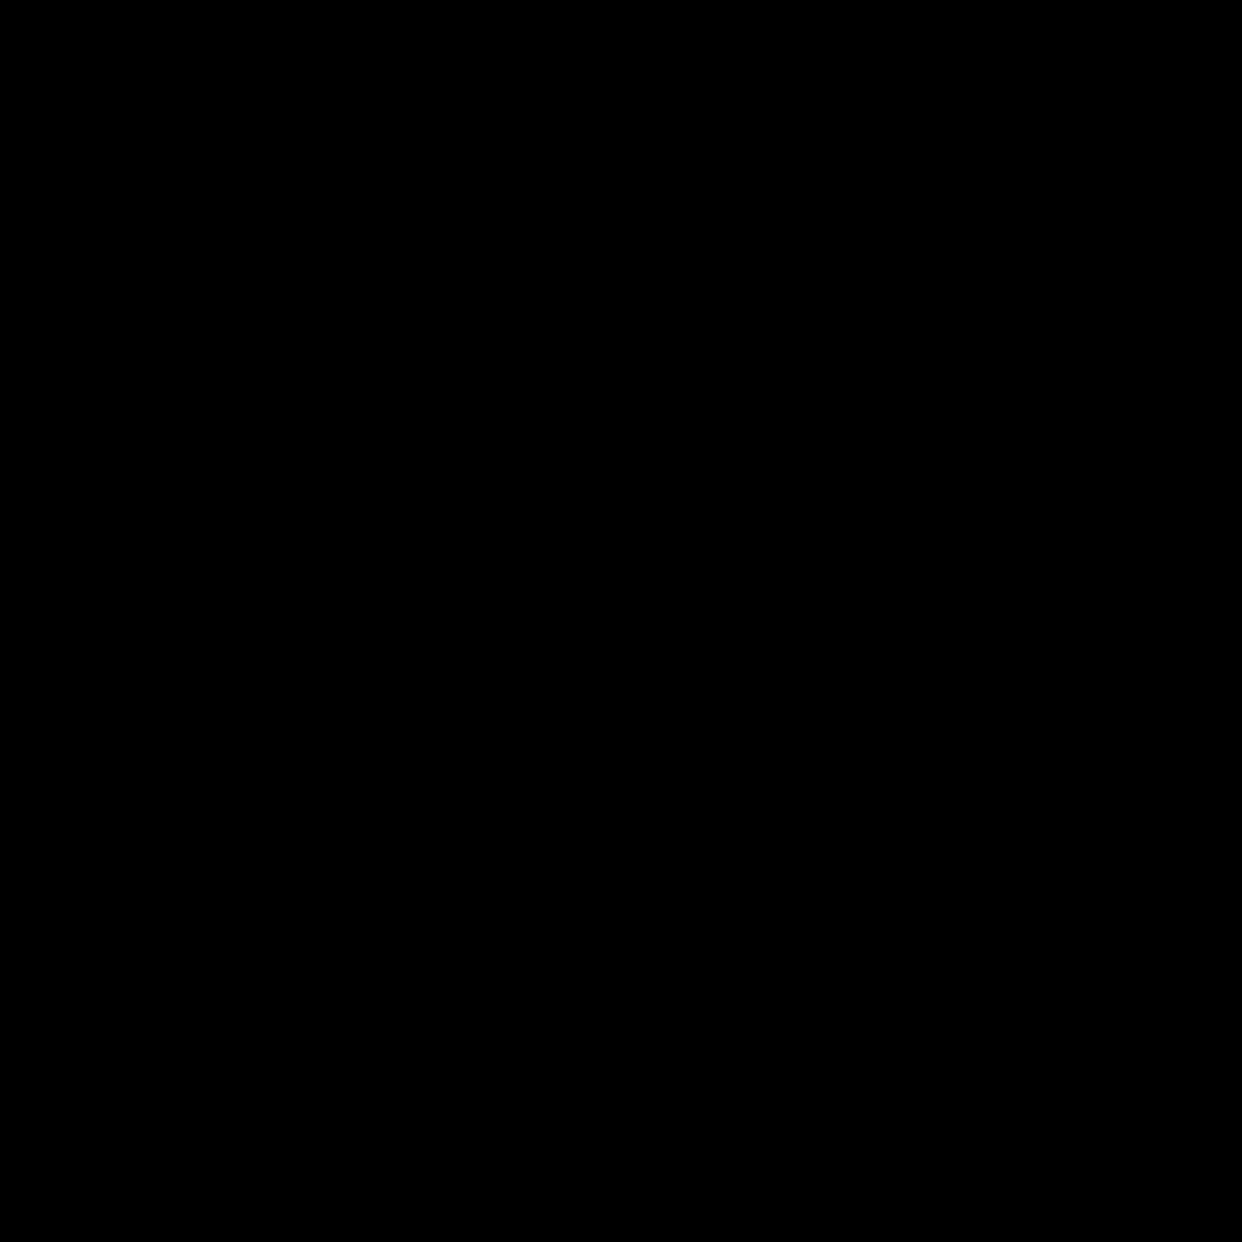 школы примеры векторы для фотостоков участвует